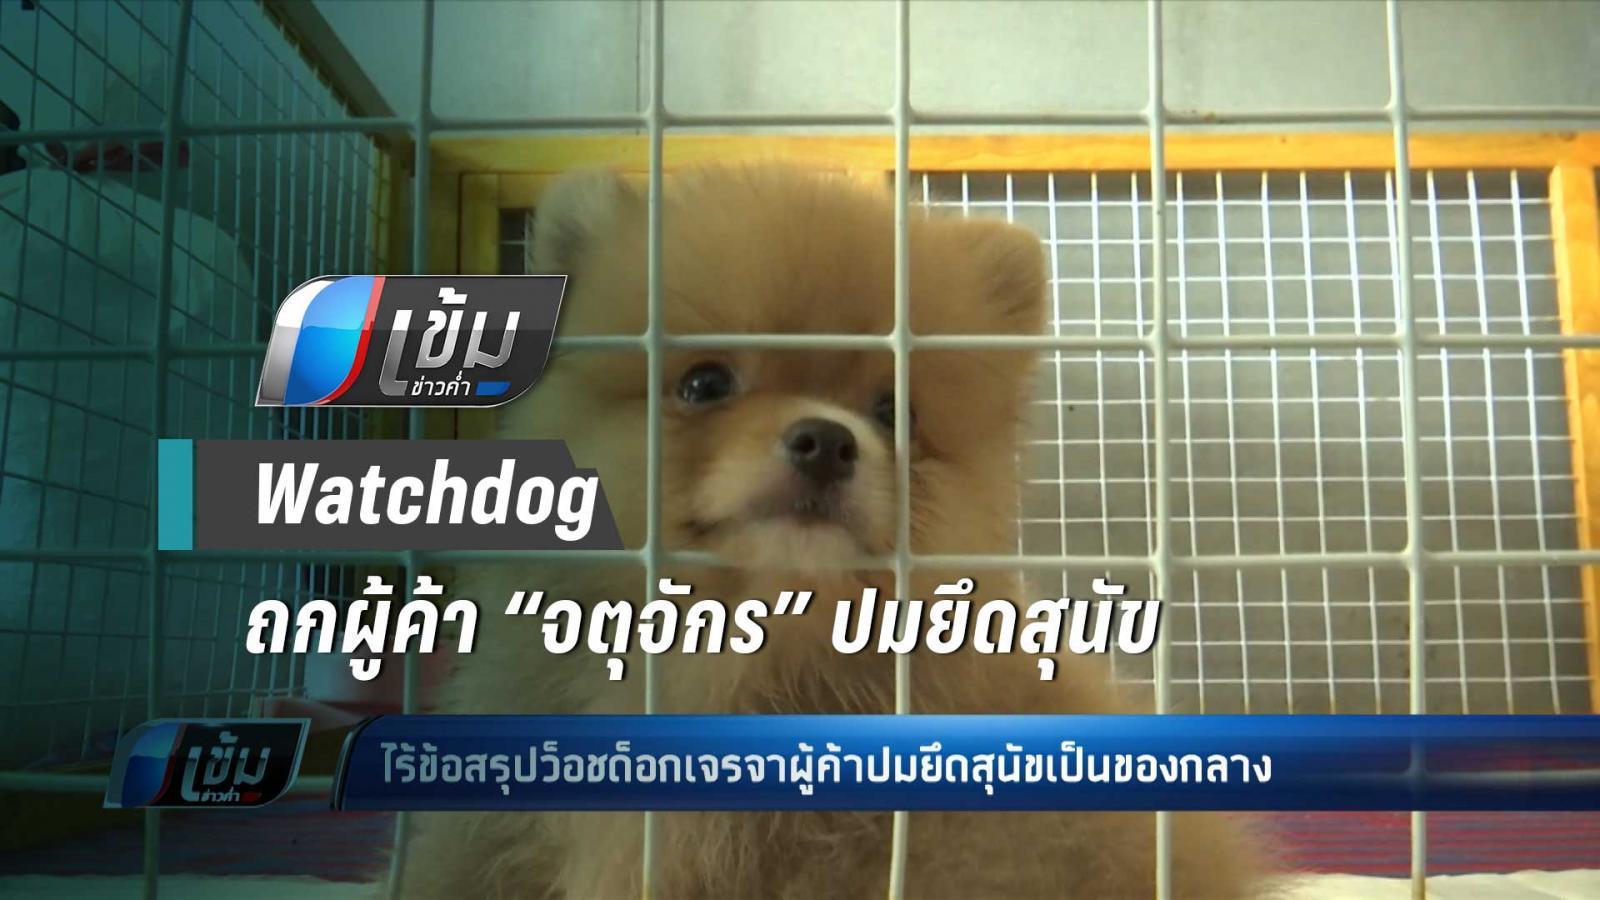 """Watchdog  ถกผู้ค้า """"จตุจักร"""" ปมยึดสุนัข"""